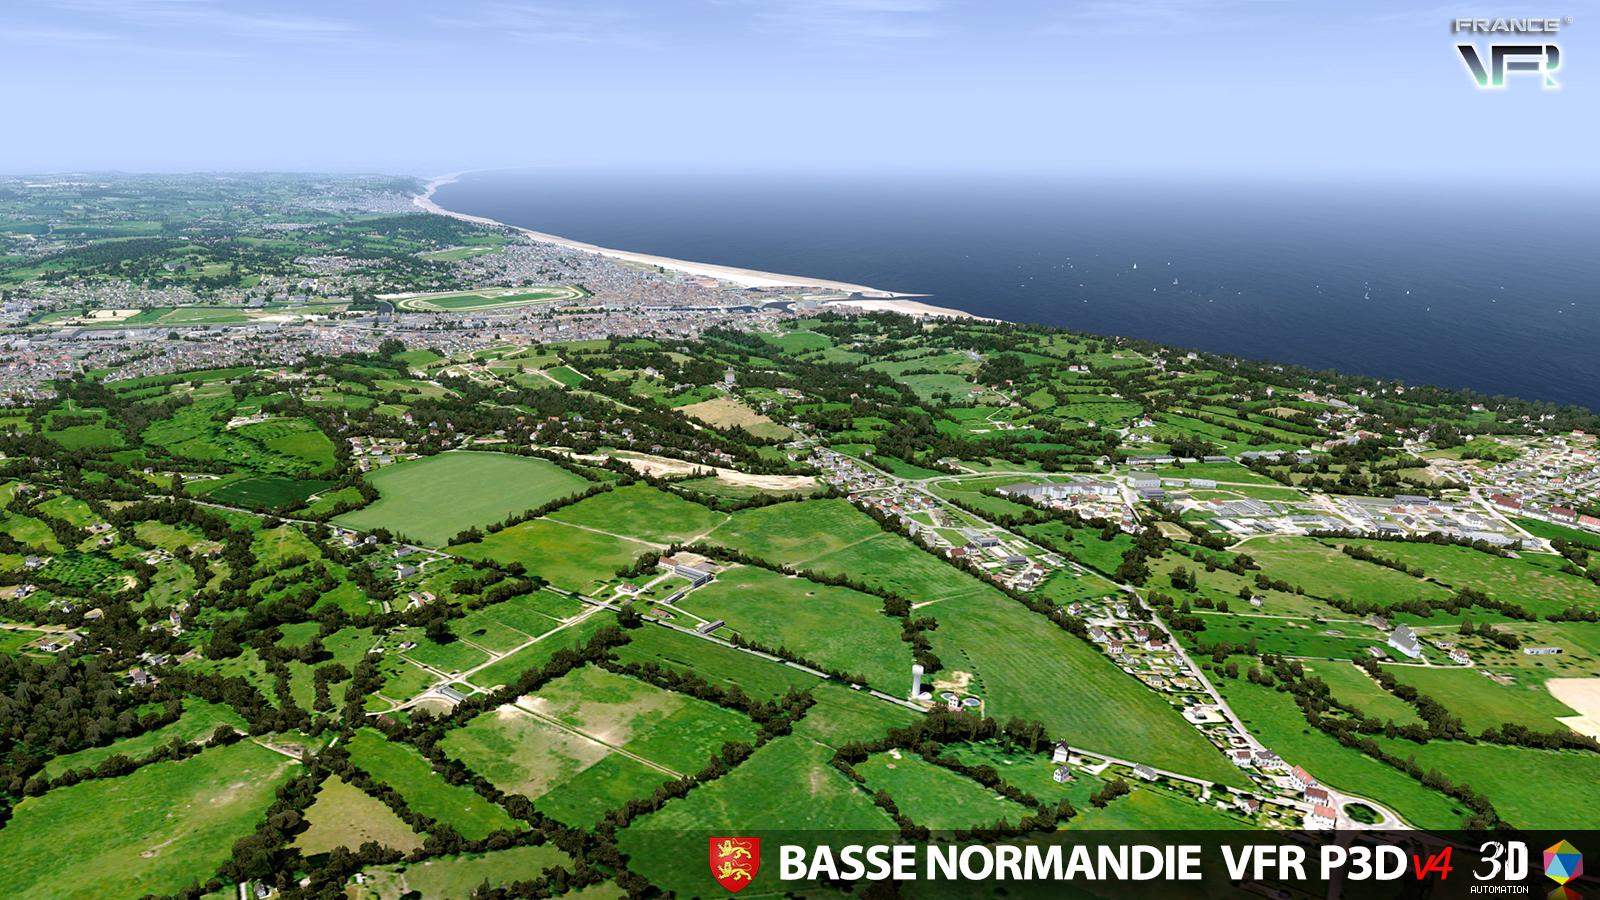 Lower Normandy France VFR P3D V4 (9)